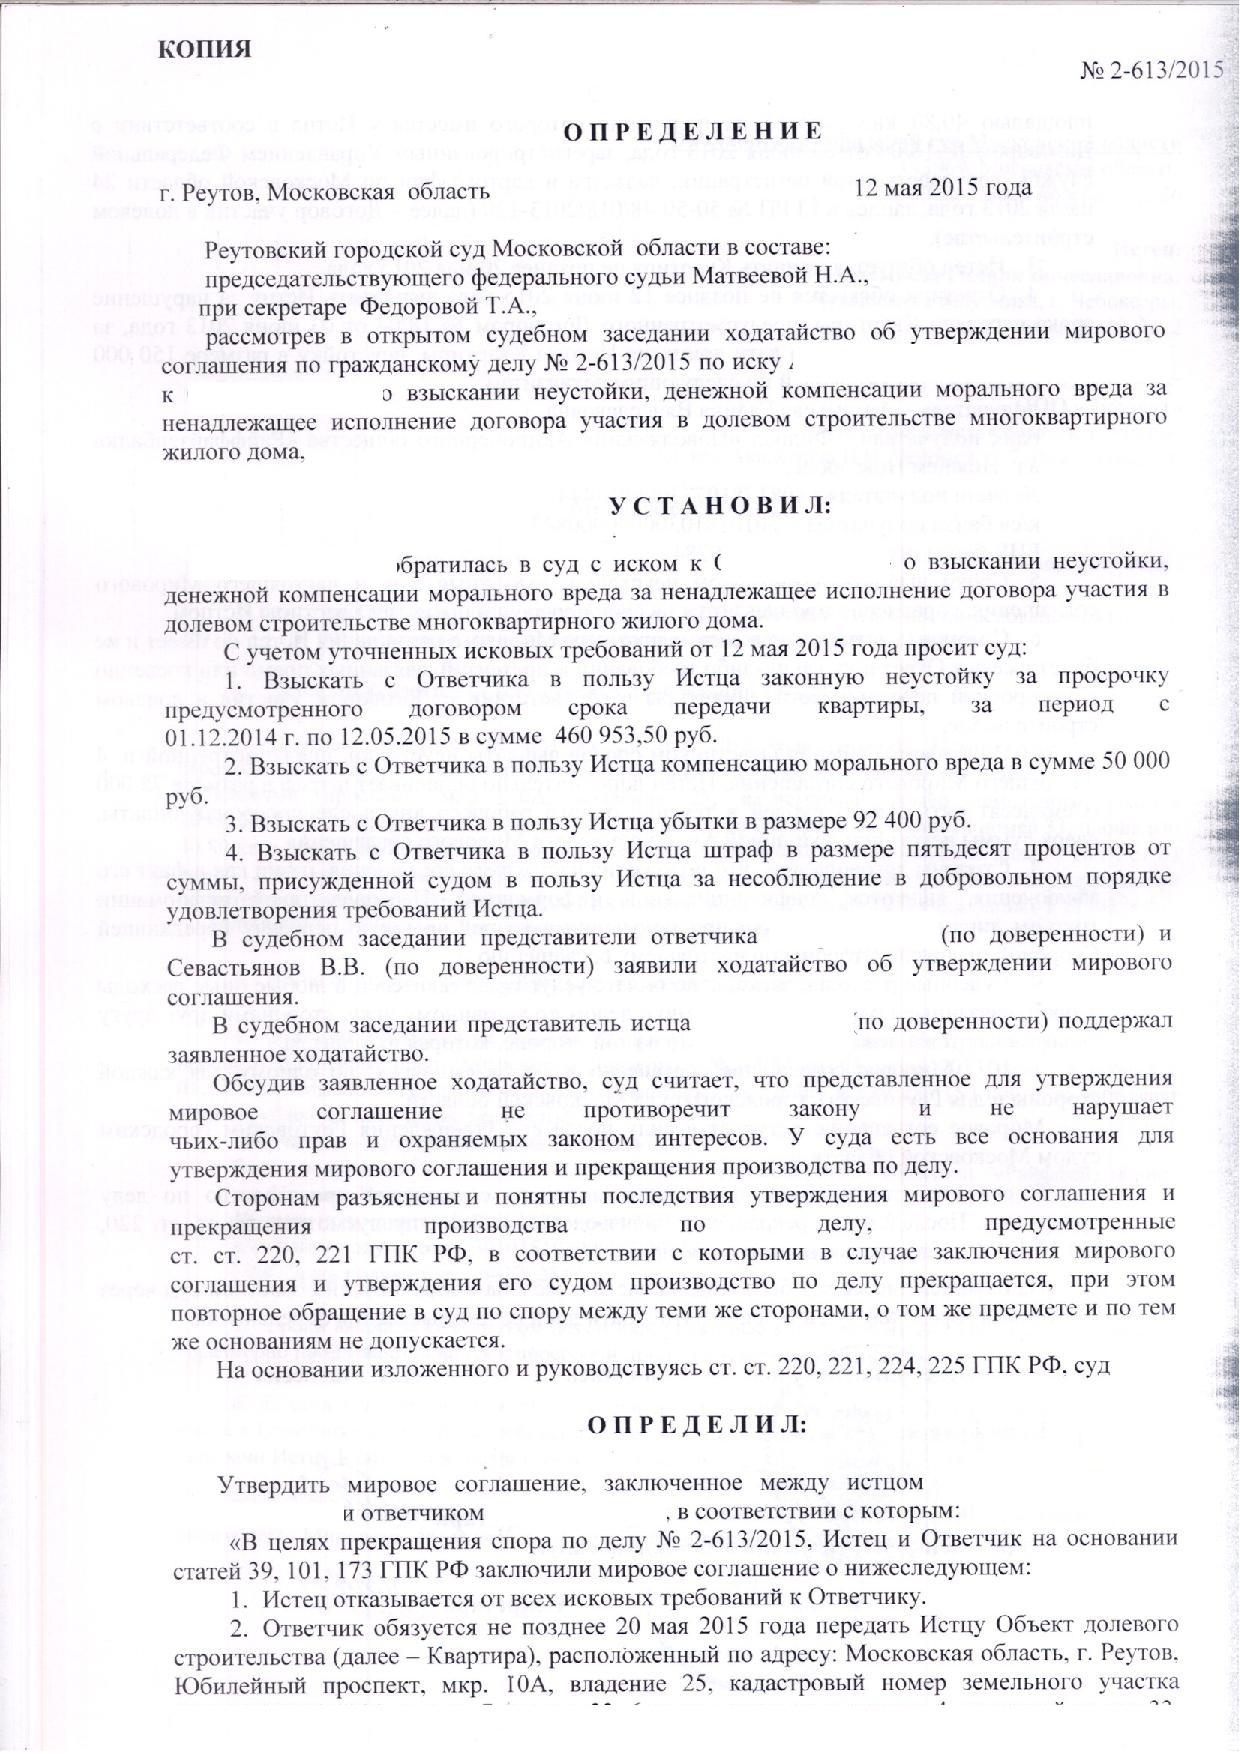 Мировое соглашение гпк рф статья 221